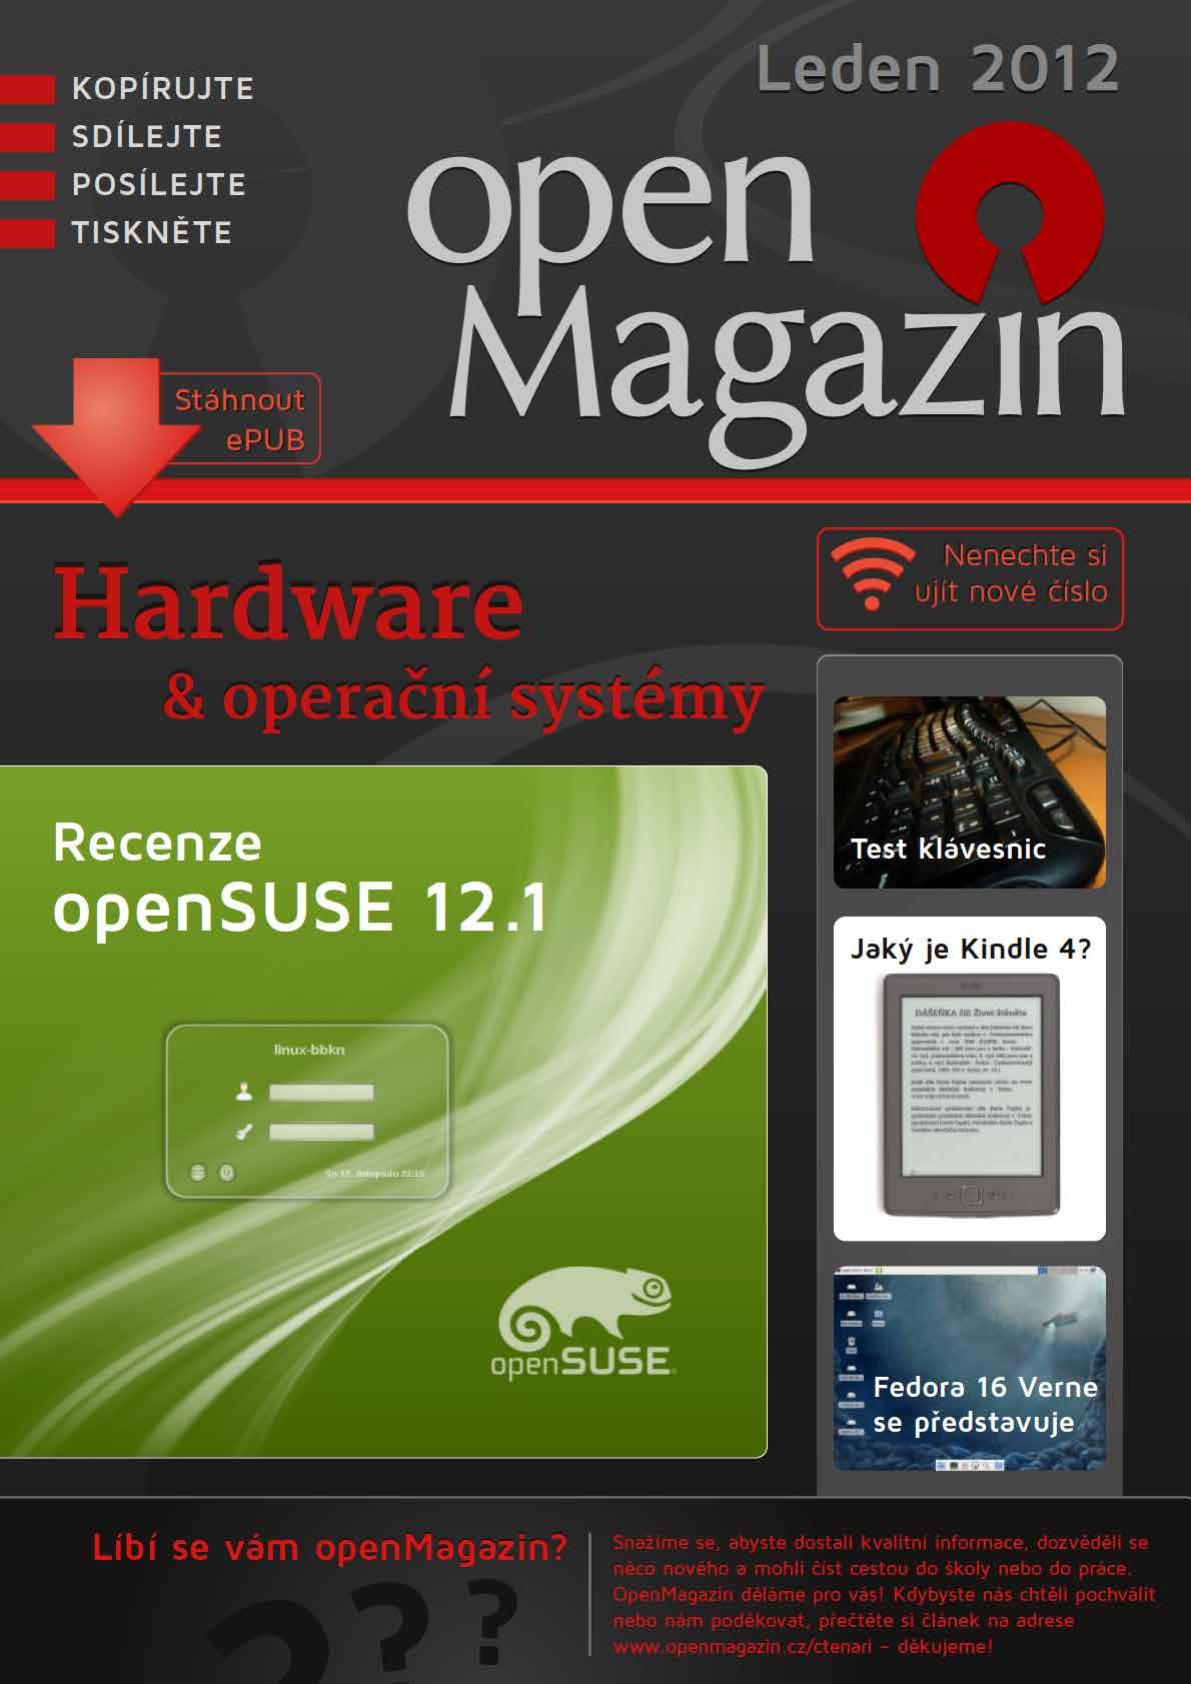 openMagazin 1/2012